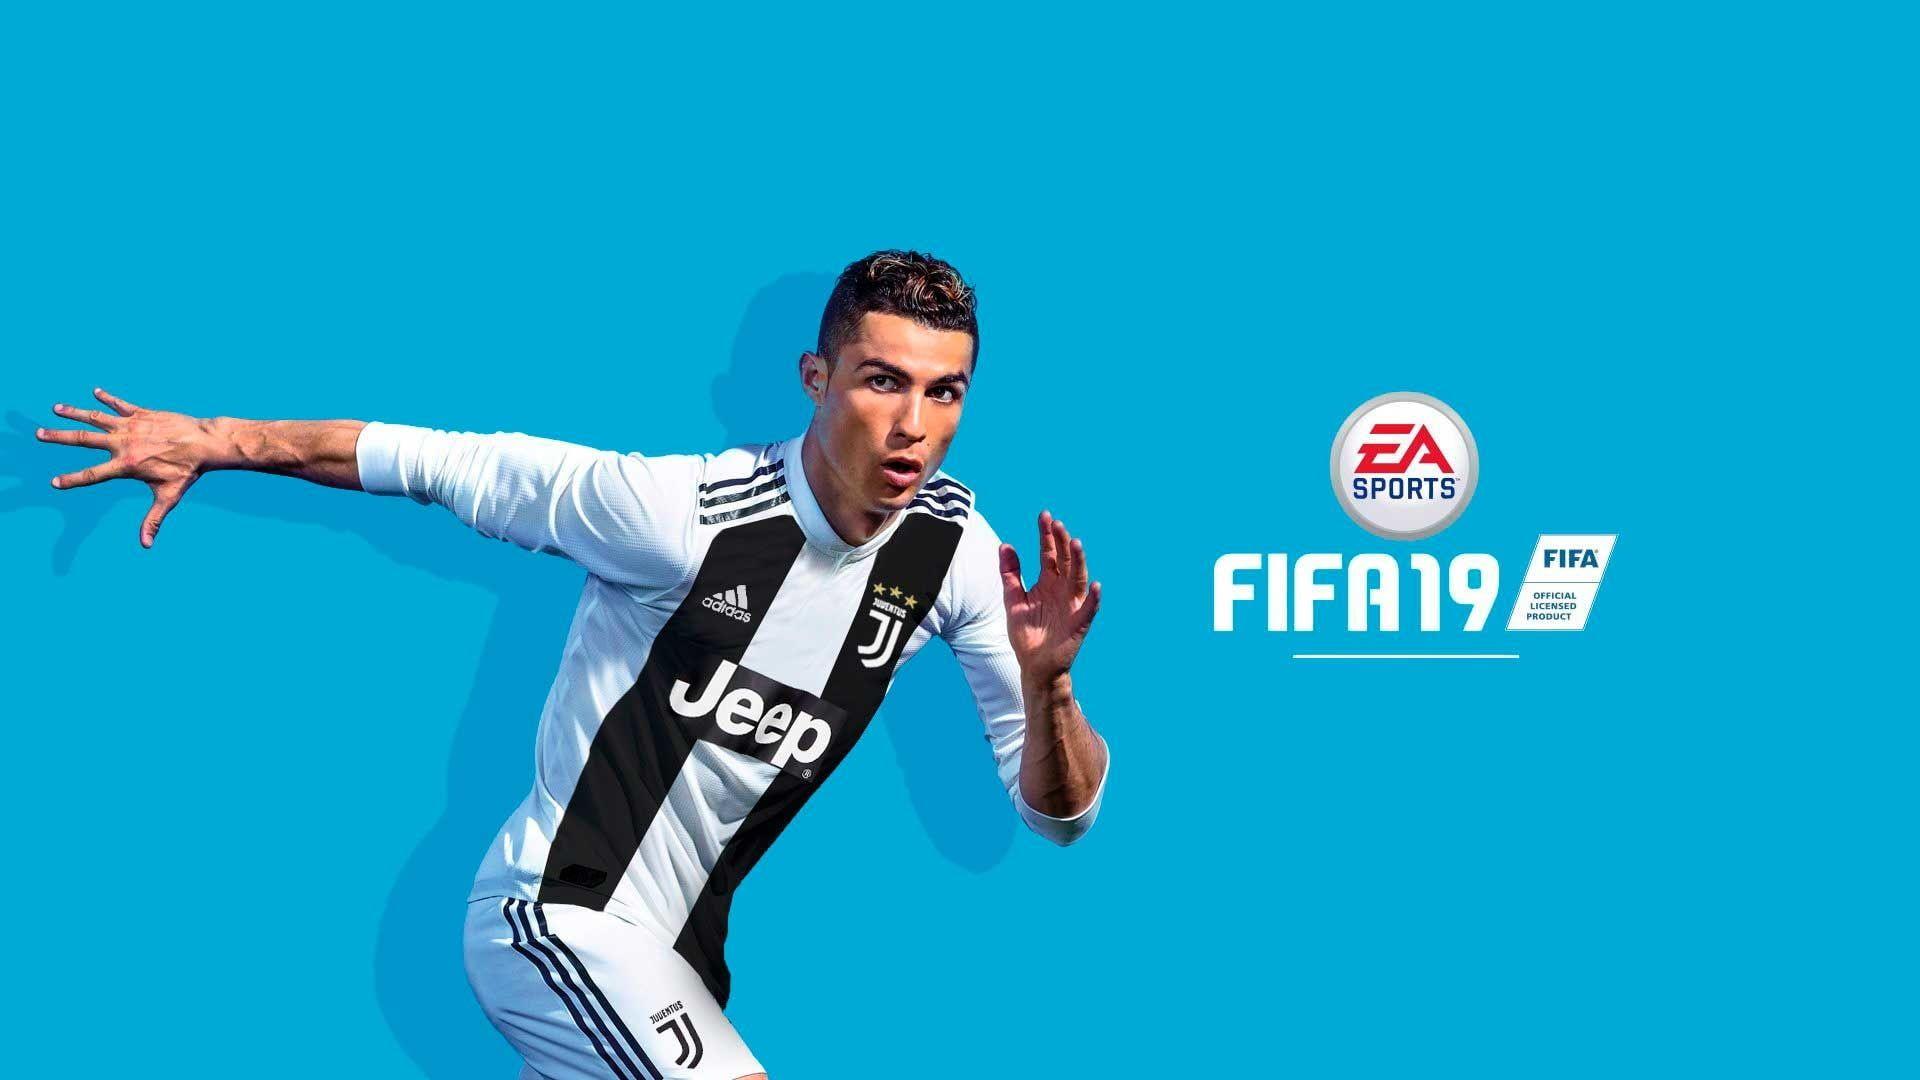 Video Game Fifa 19 Cristiano Ronaldo 1080p Wallpaper Hdwallpaper Desktop Fifa Cristiano Ronaldo Juventus